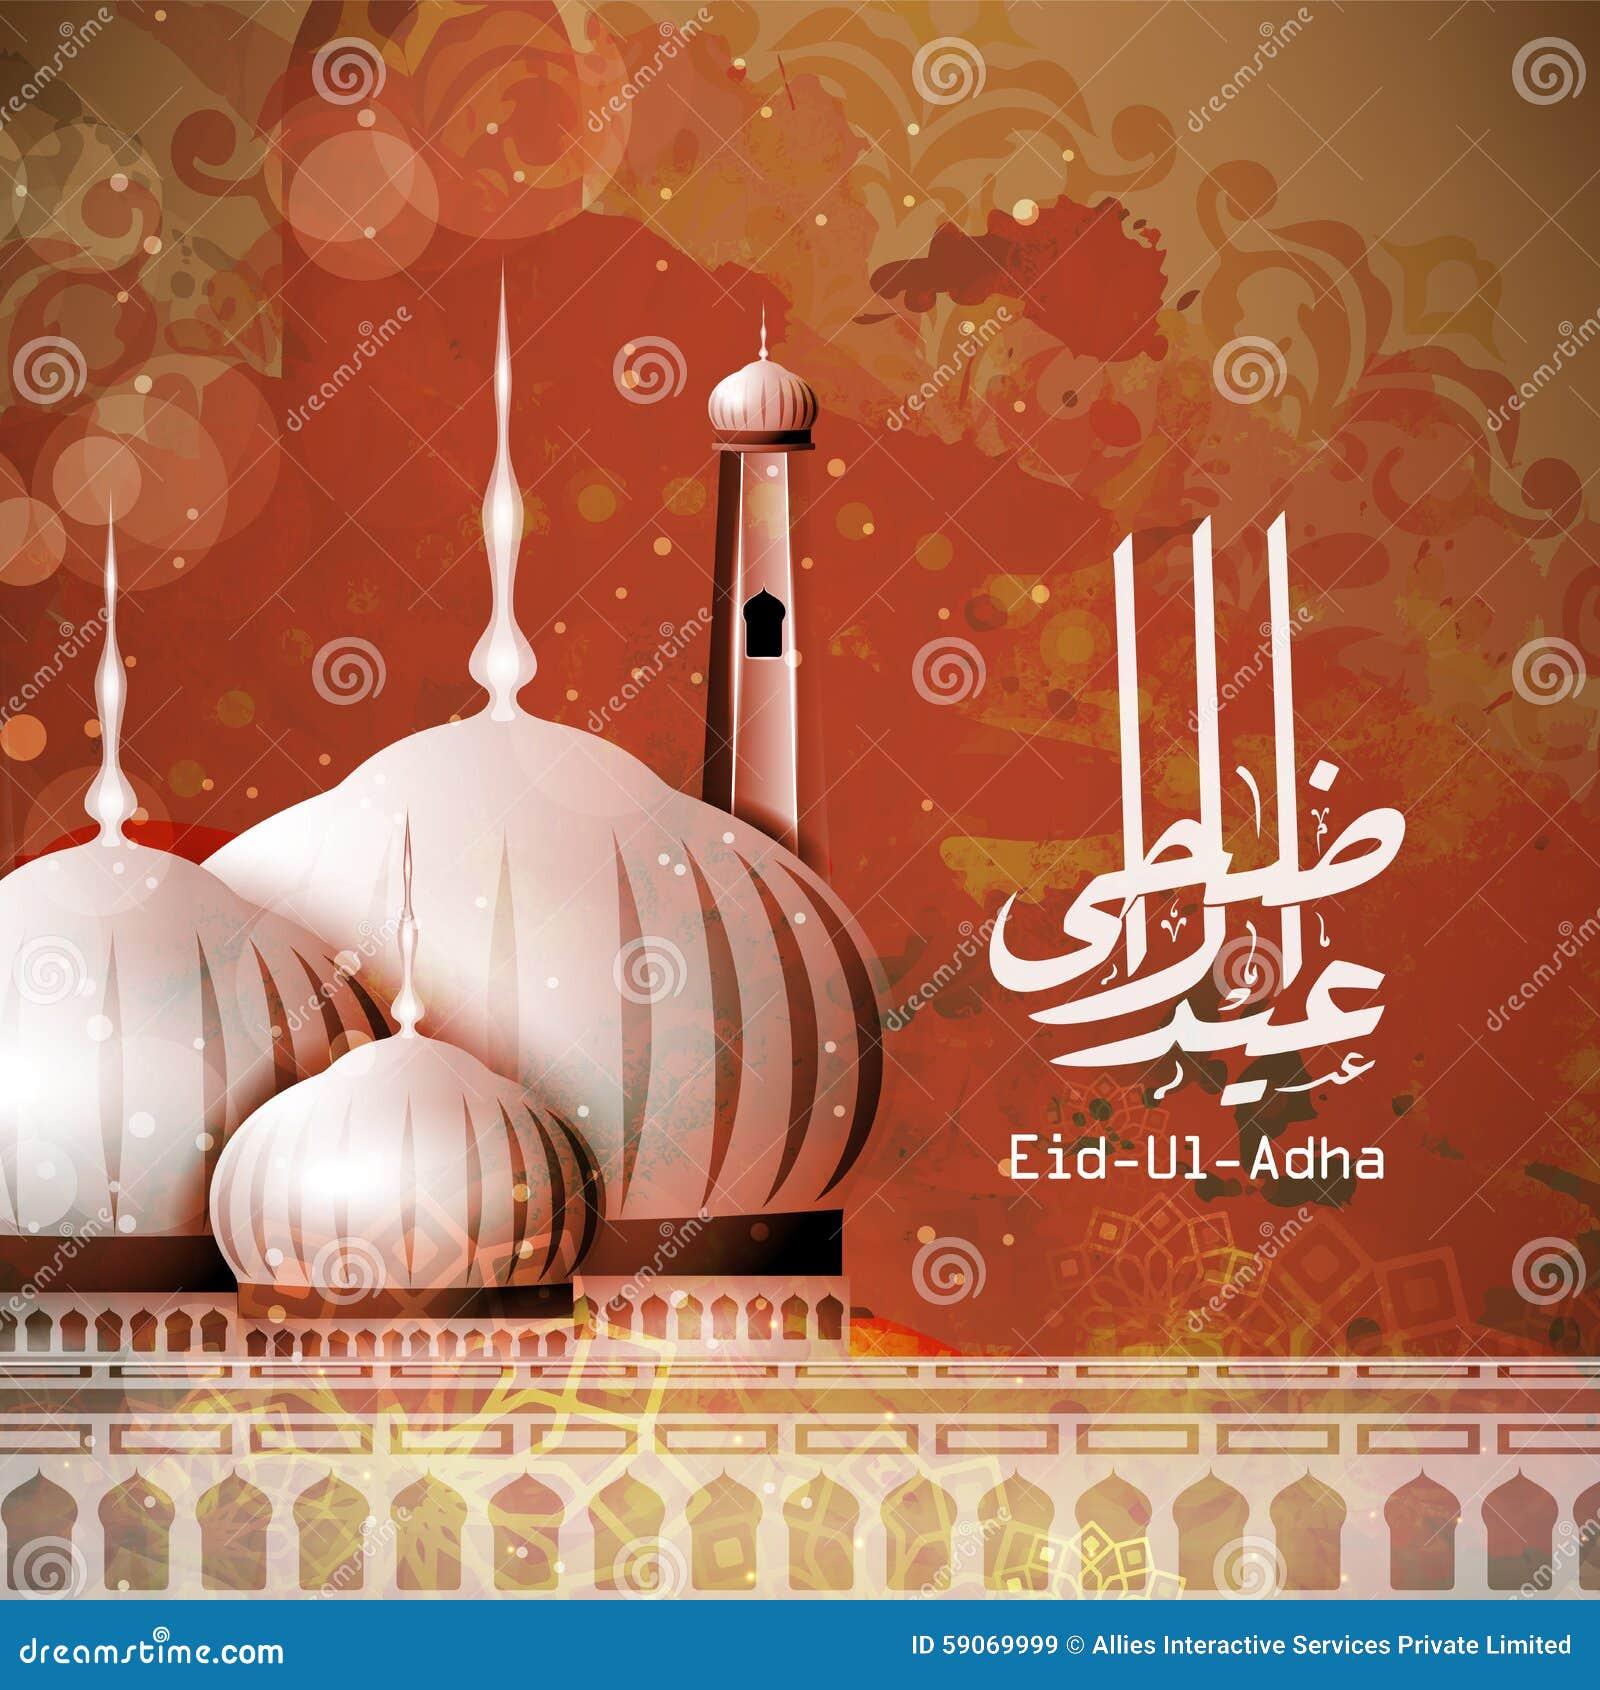 Moskee met Arabische teksten voor eid-Ul-Adha